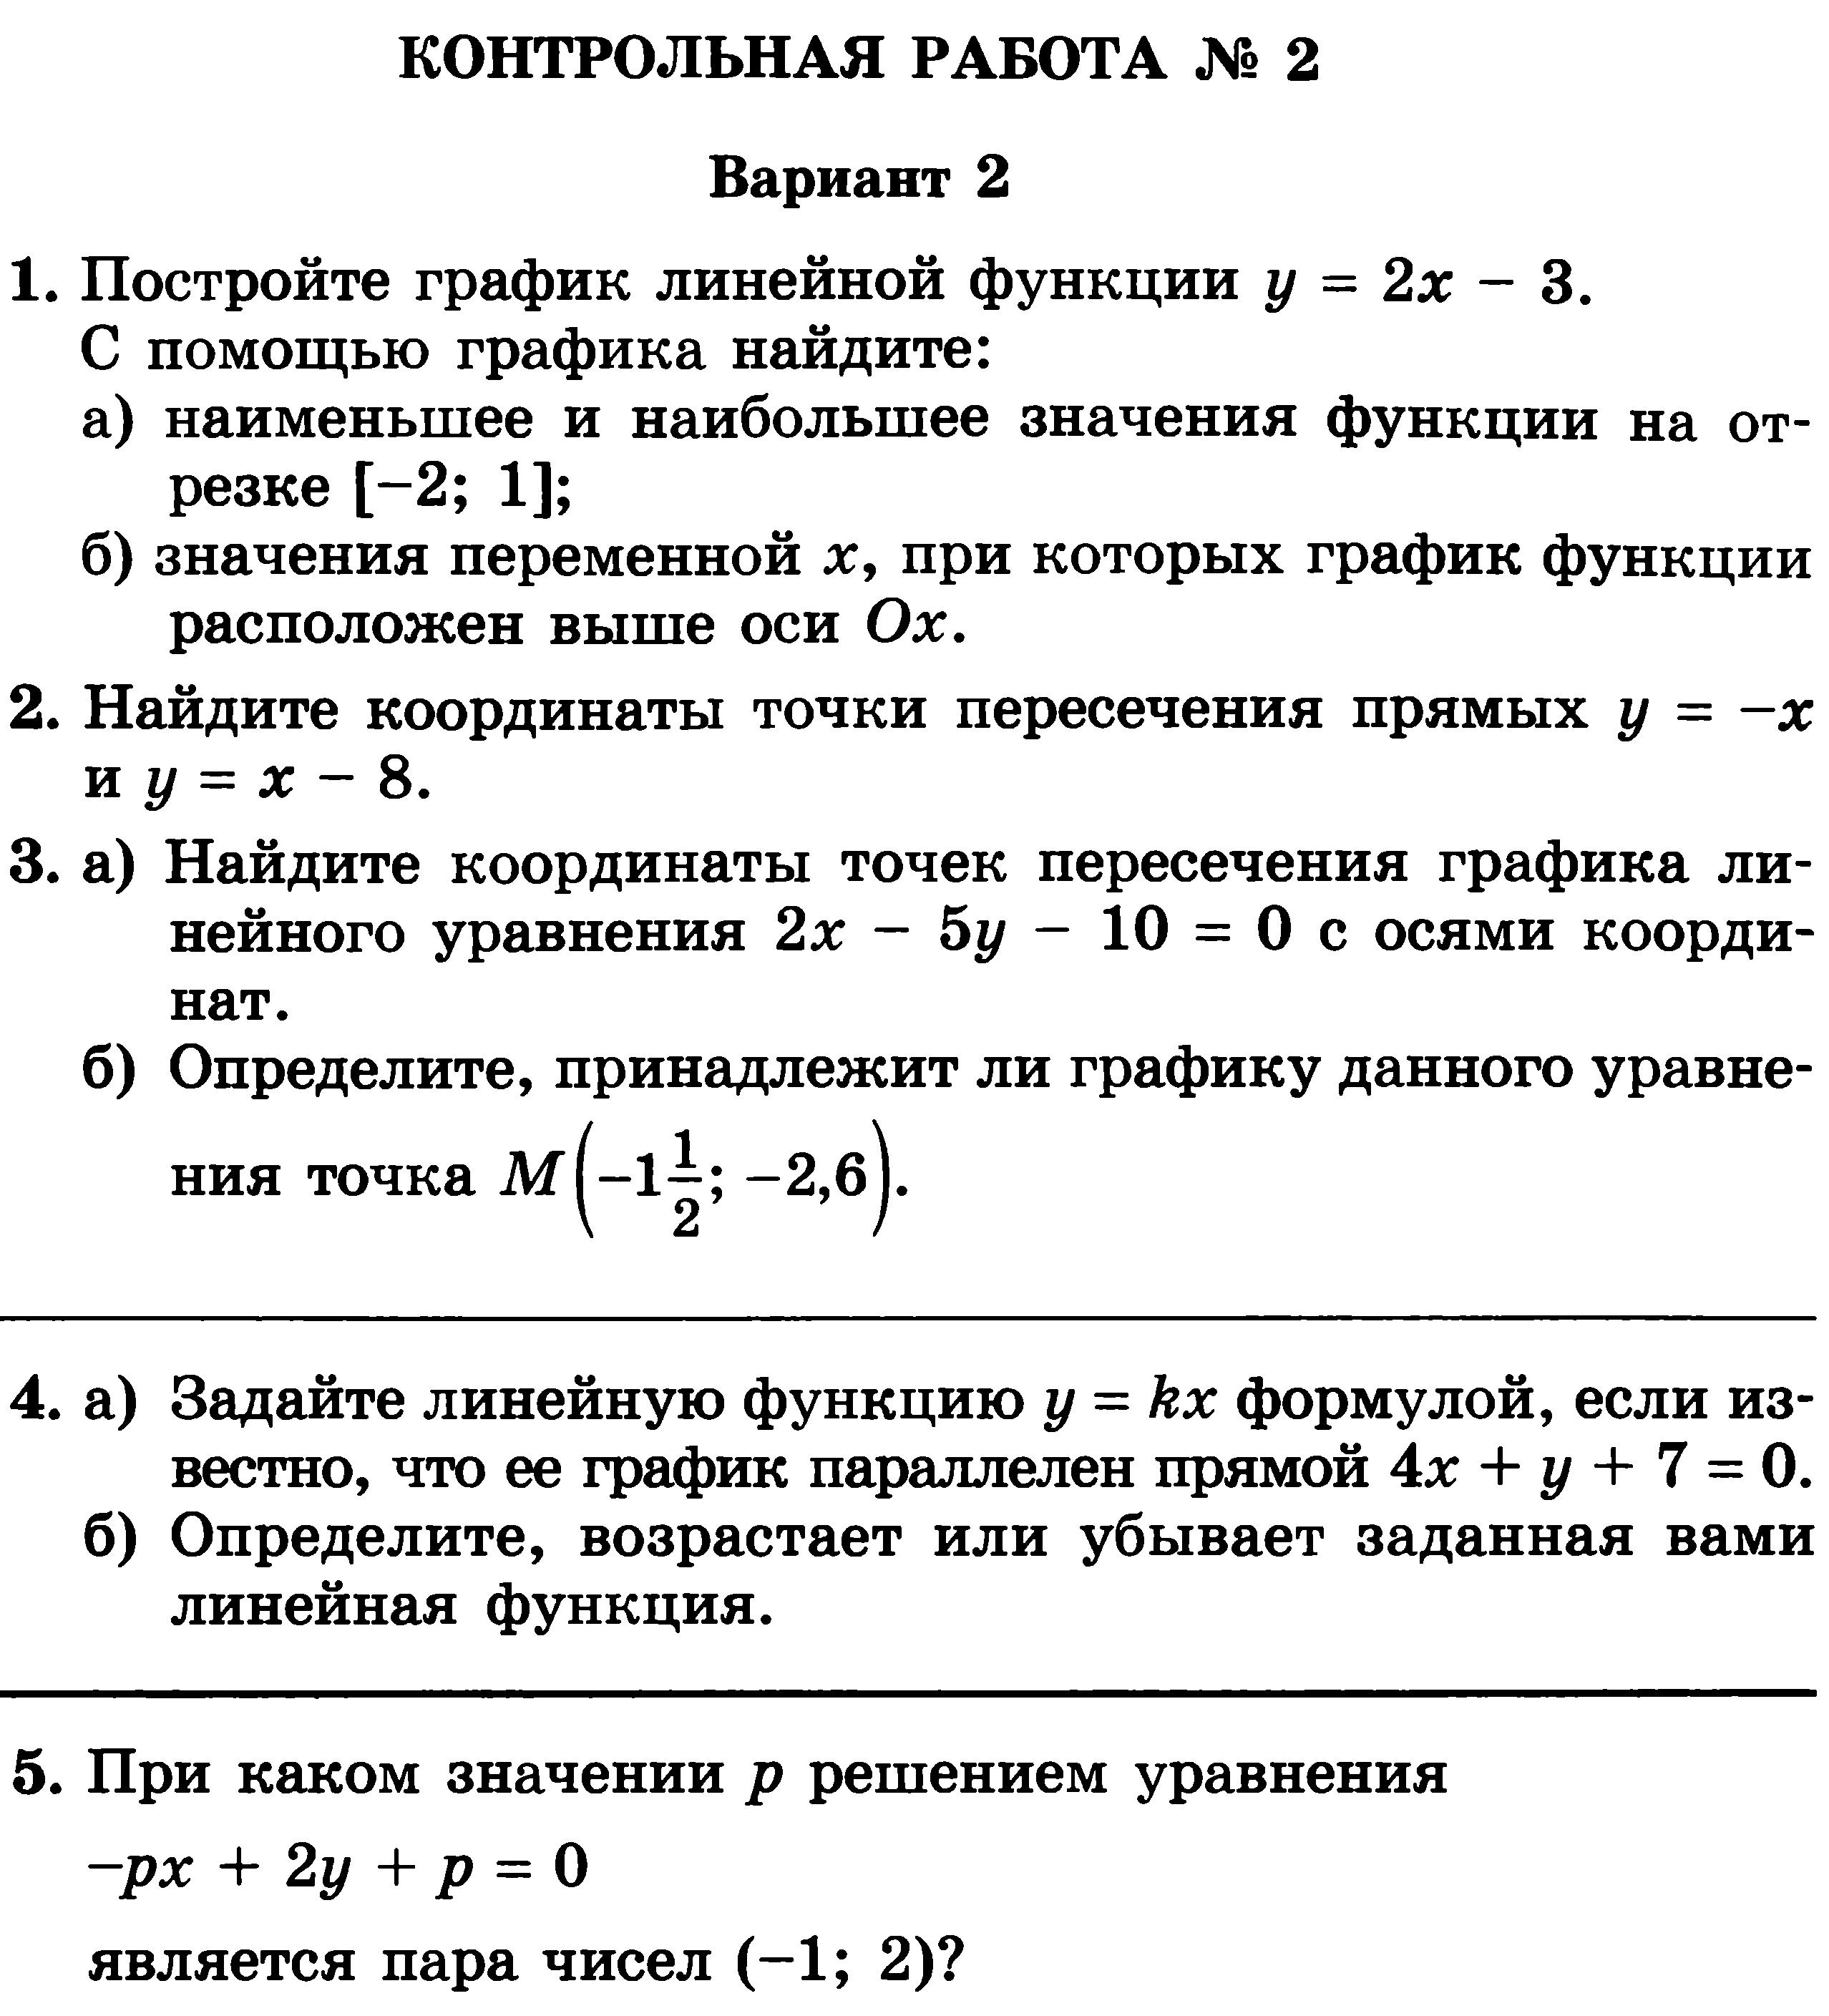 Рабочая программа по математике 8 класс мордкович атанасян